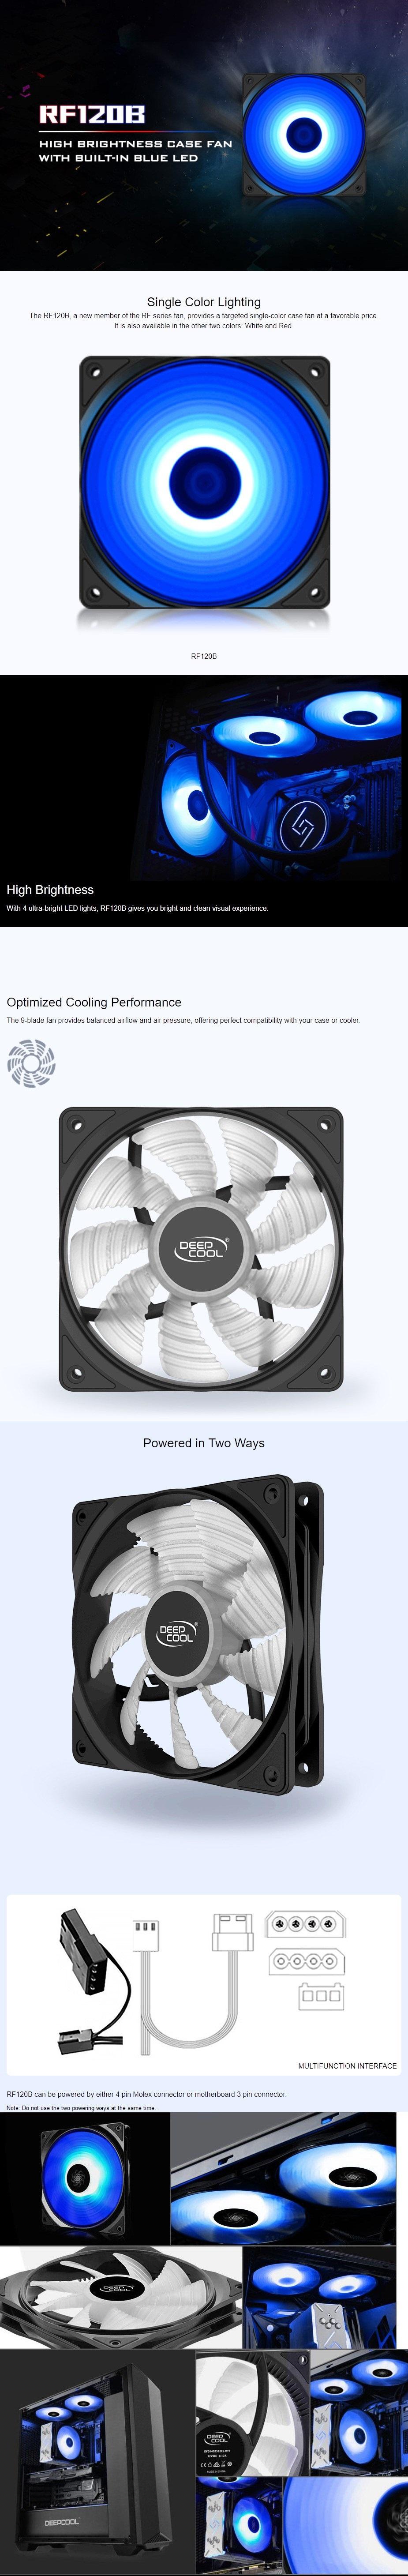 DeepCool RF120B High Brightness PC Case Fan With Built-in Blue LED 9-Blade Fan